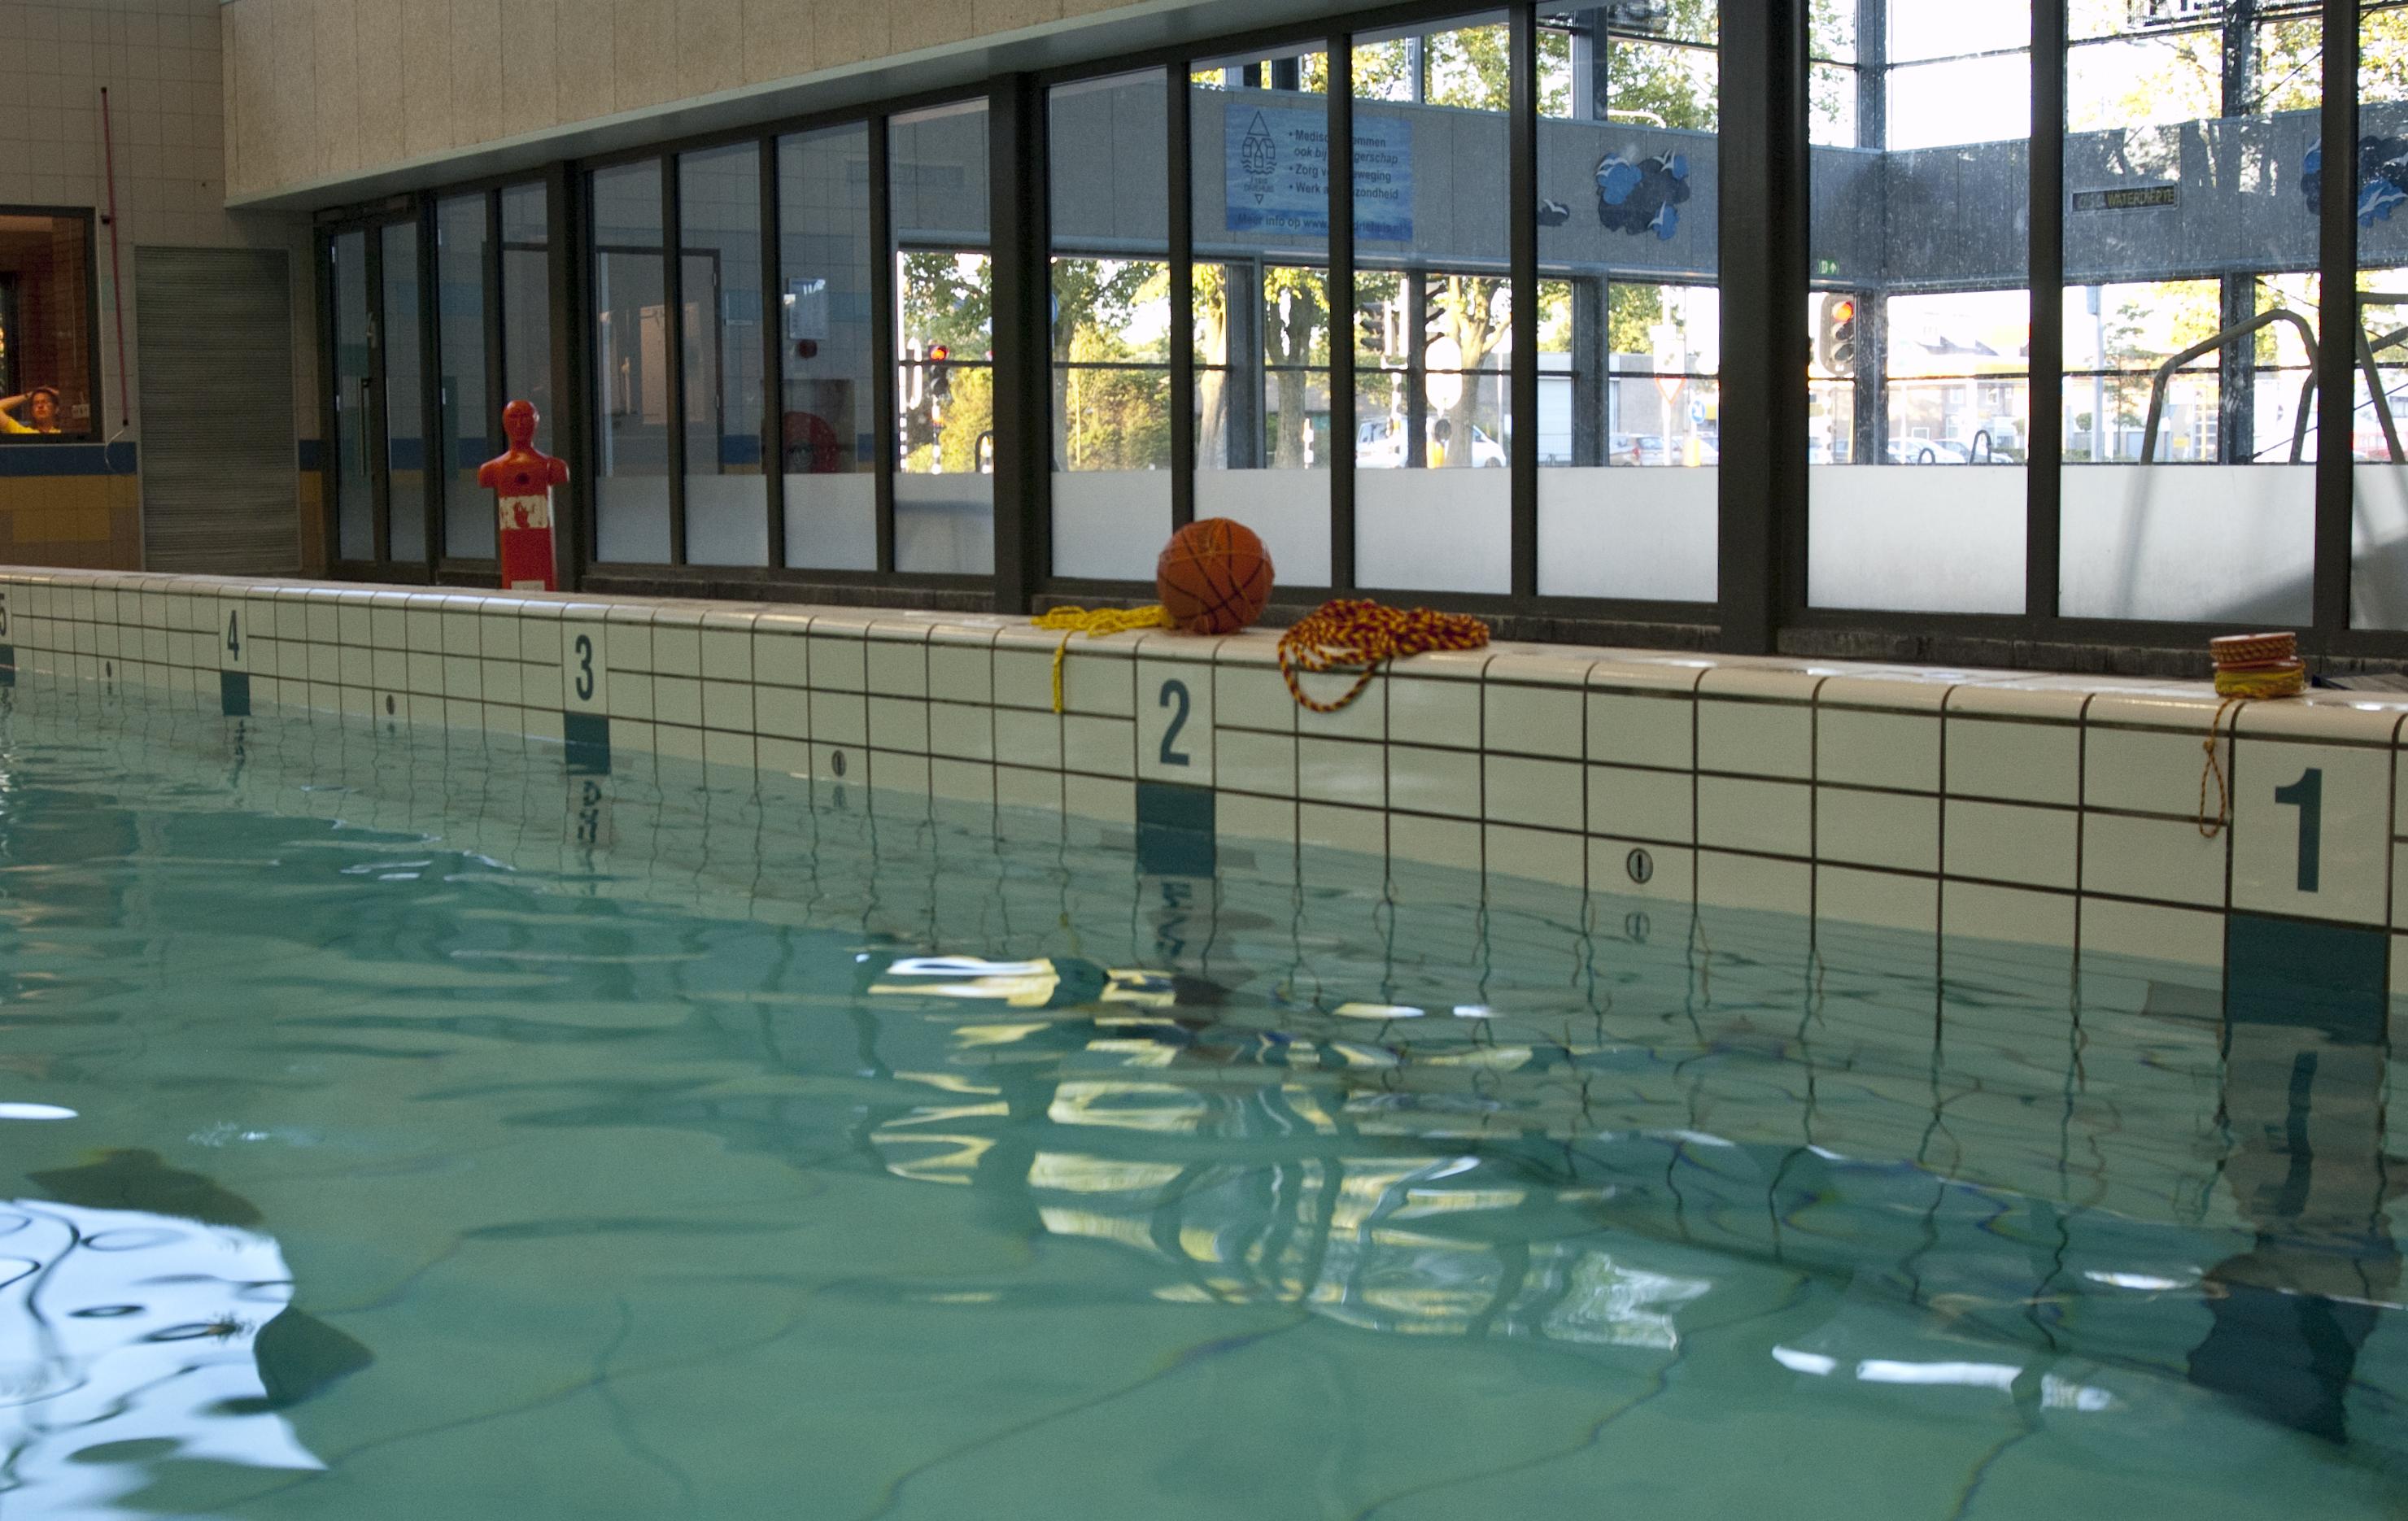 Zwembad de Heerenduinen - Zwemles - Reddingsmateriaal